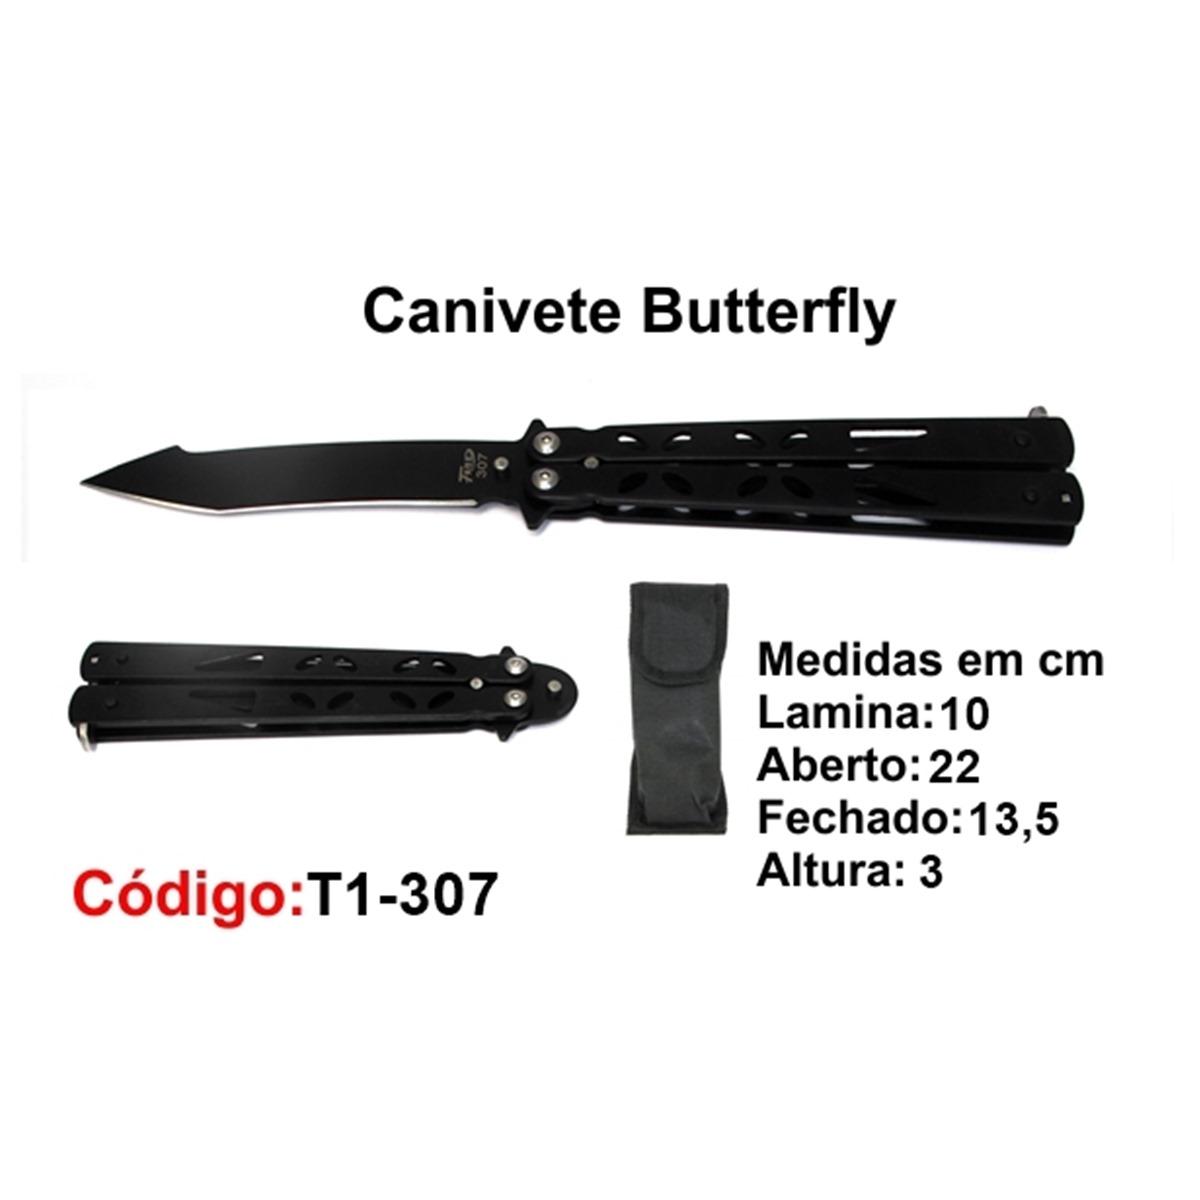 Canivete Esportivo Butterfly Borboleta T1-307